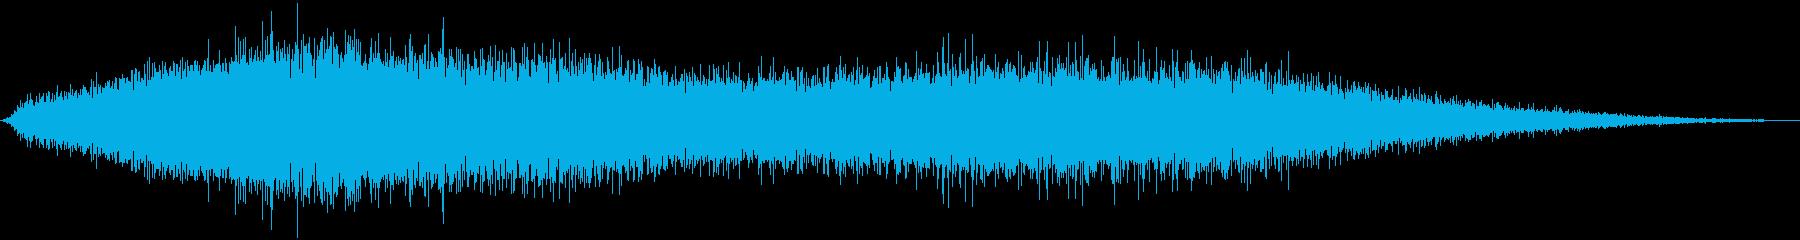 ドラマティックボーカルスペースプレ...の再生済みの波形